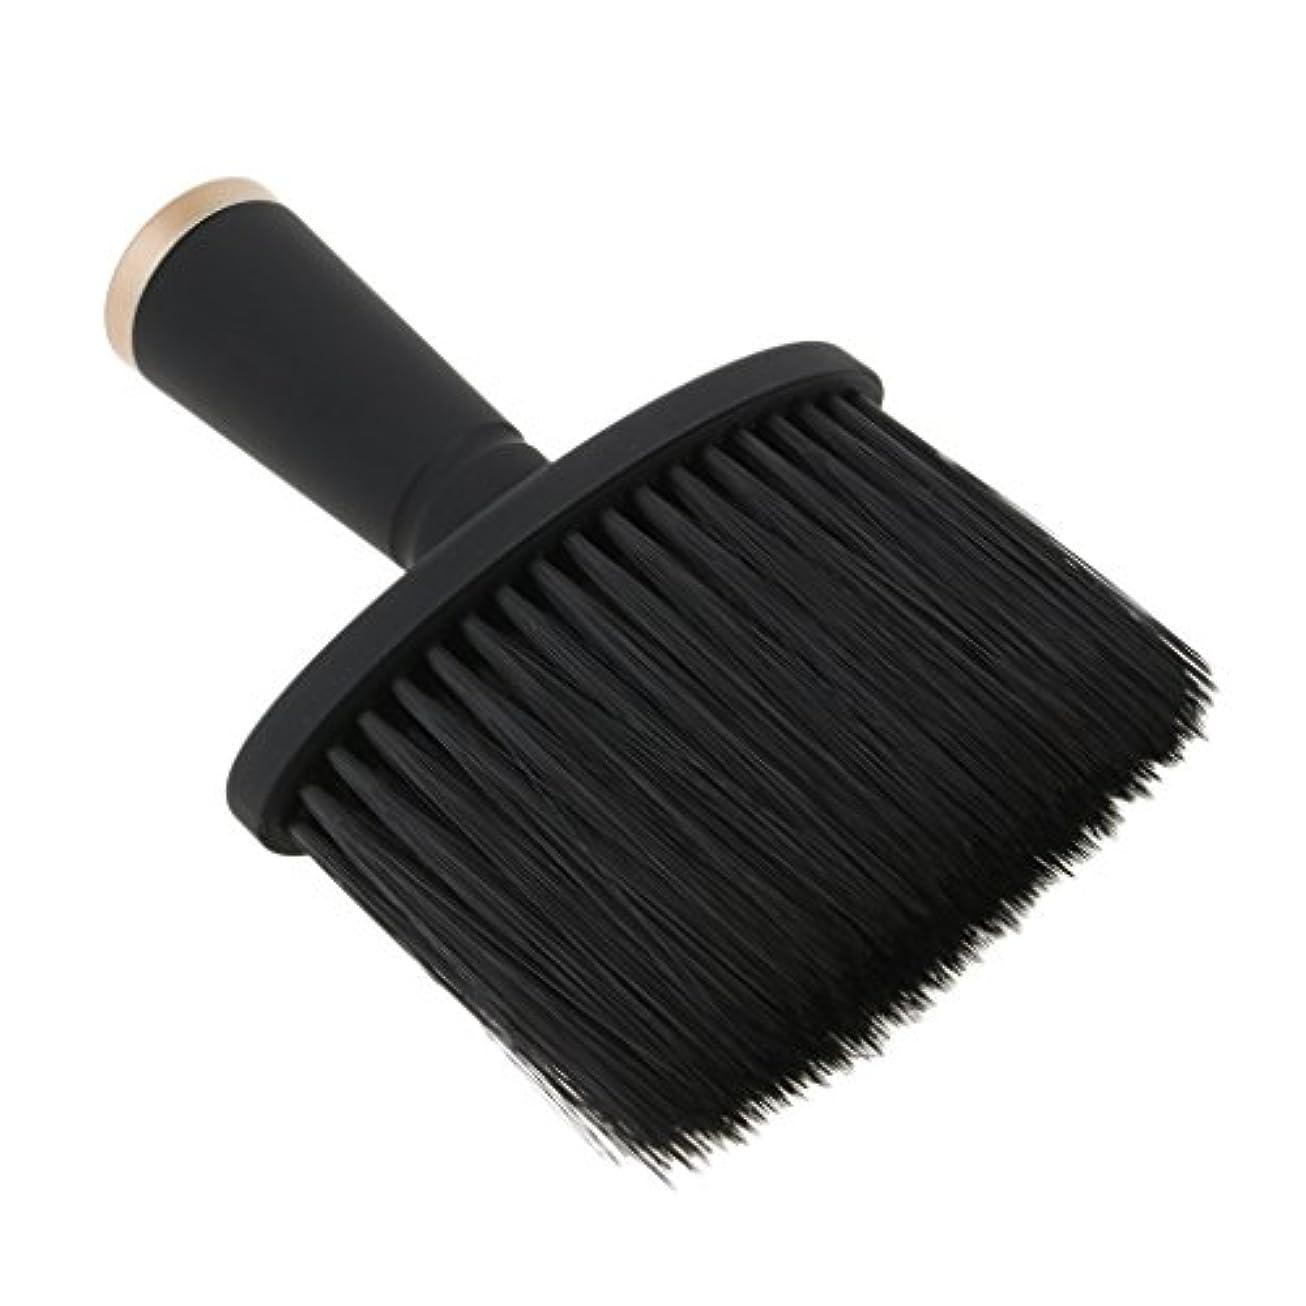 微妙致命的な言語FutuHome 専門の理髪師の首の塵払いのブラシ、毛の切断のための柔らかいクリーニングの表面ブラシ、携帯用設計 - ゴールド